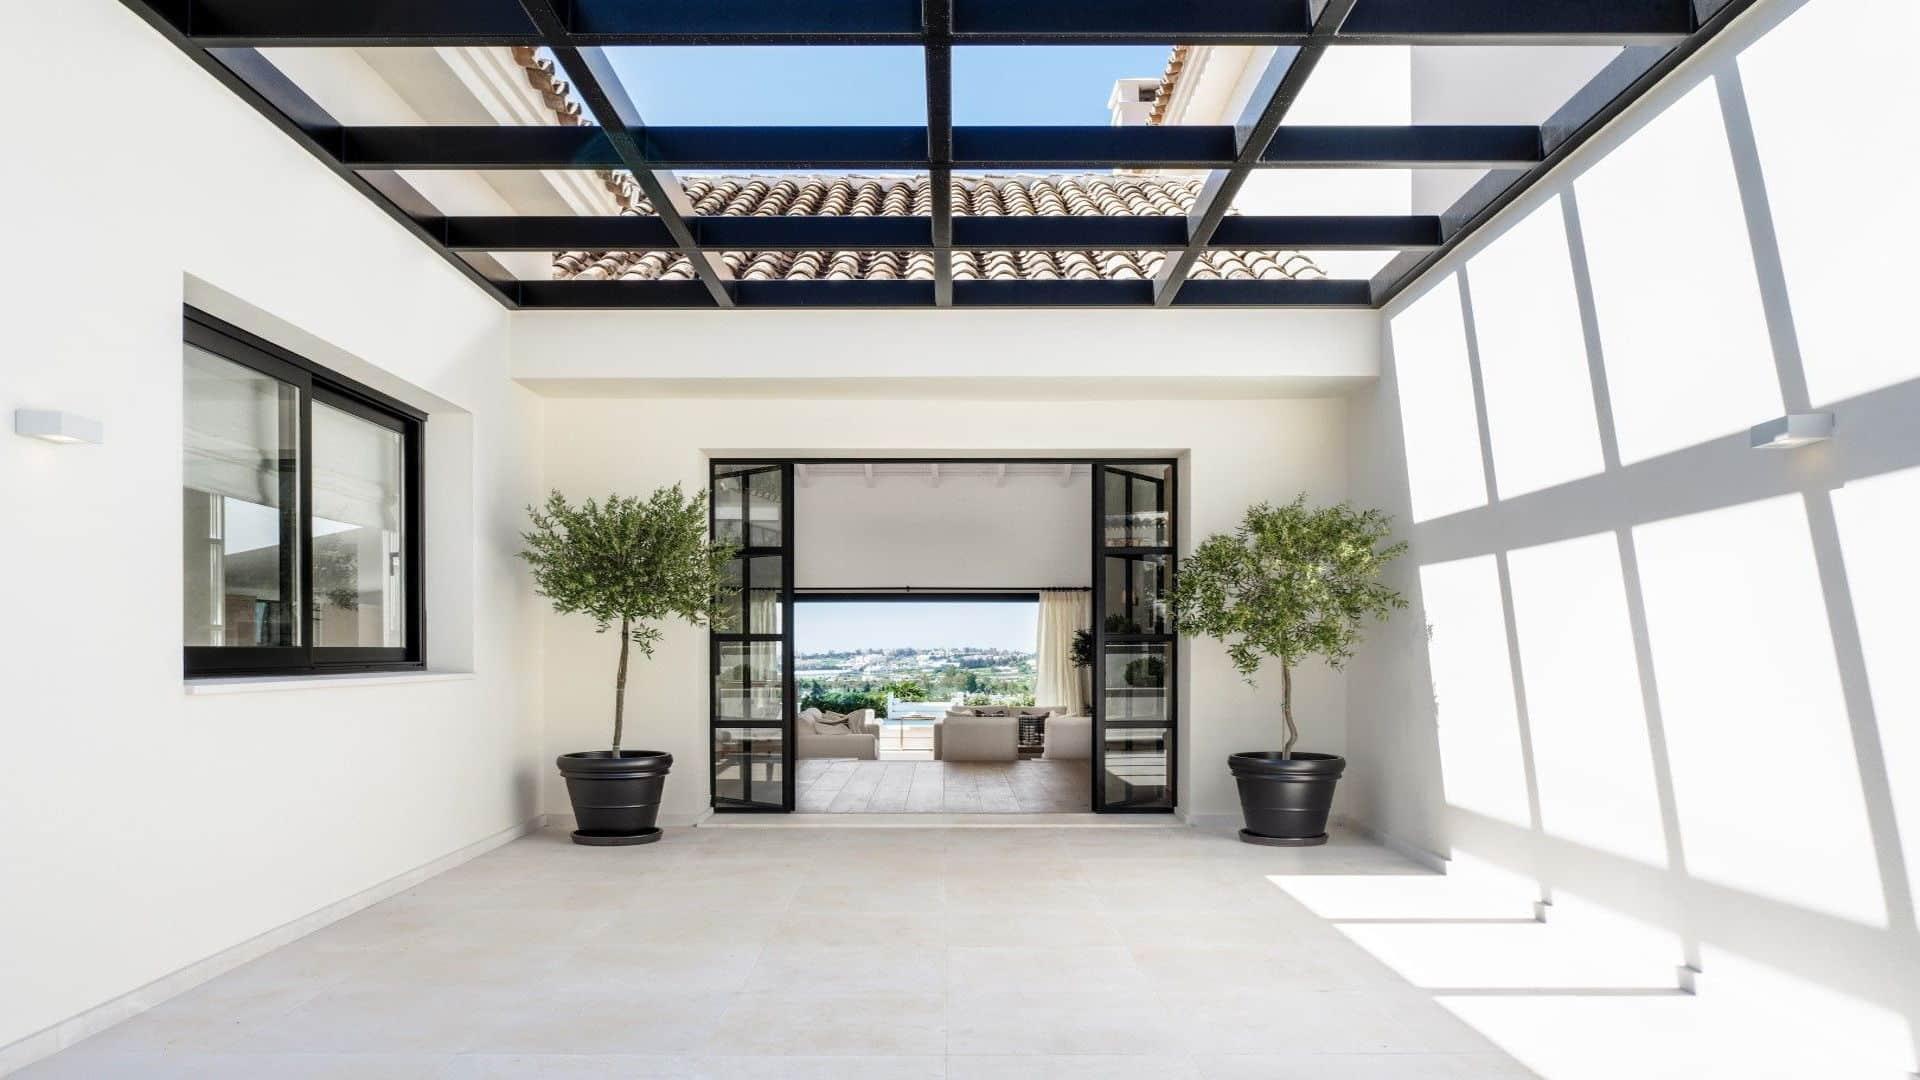 Villa Rosewood for sale in Los Naranjos Golf Nueva Andalucia, Marbella